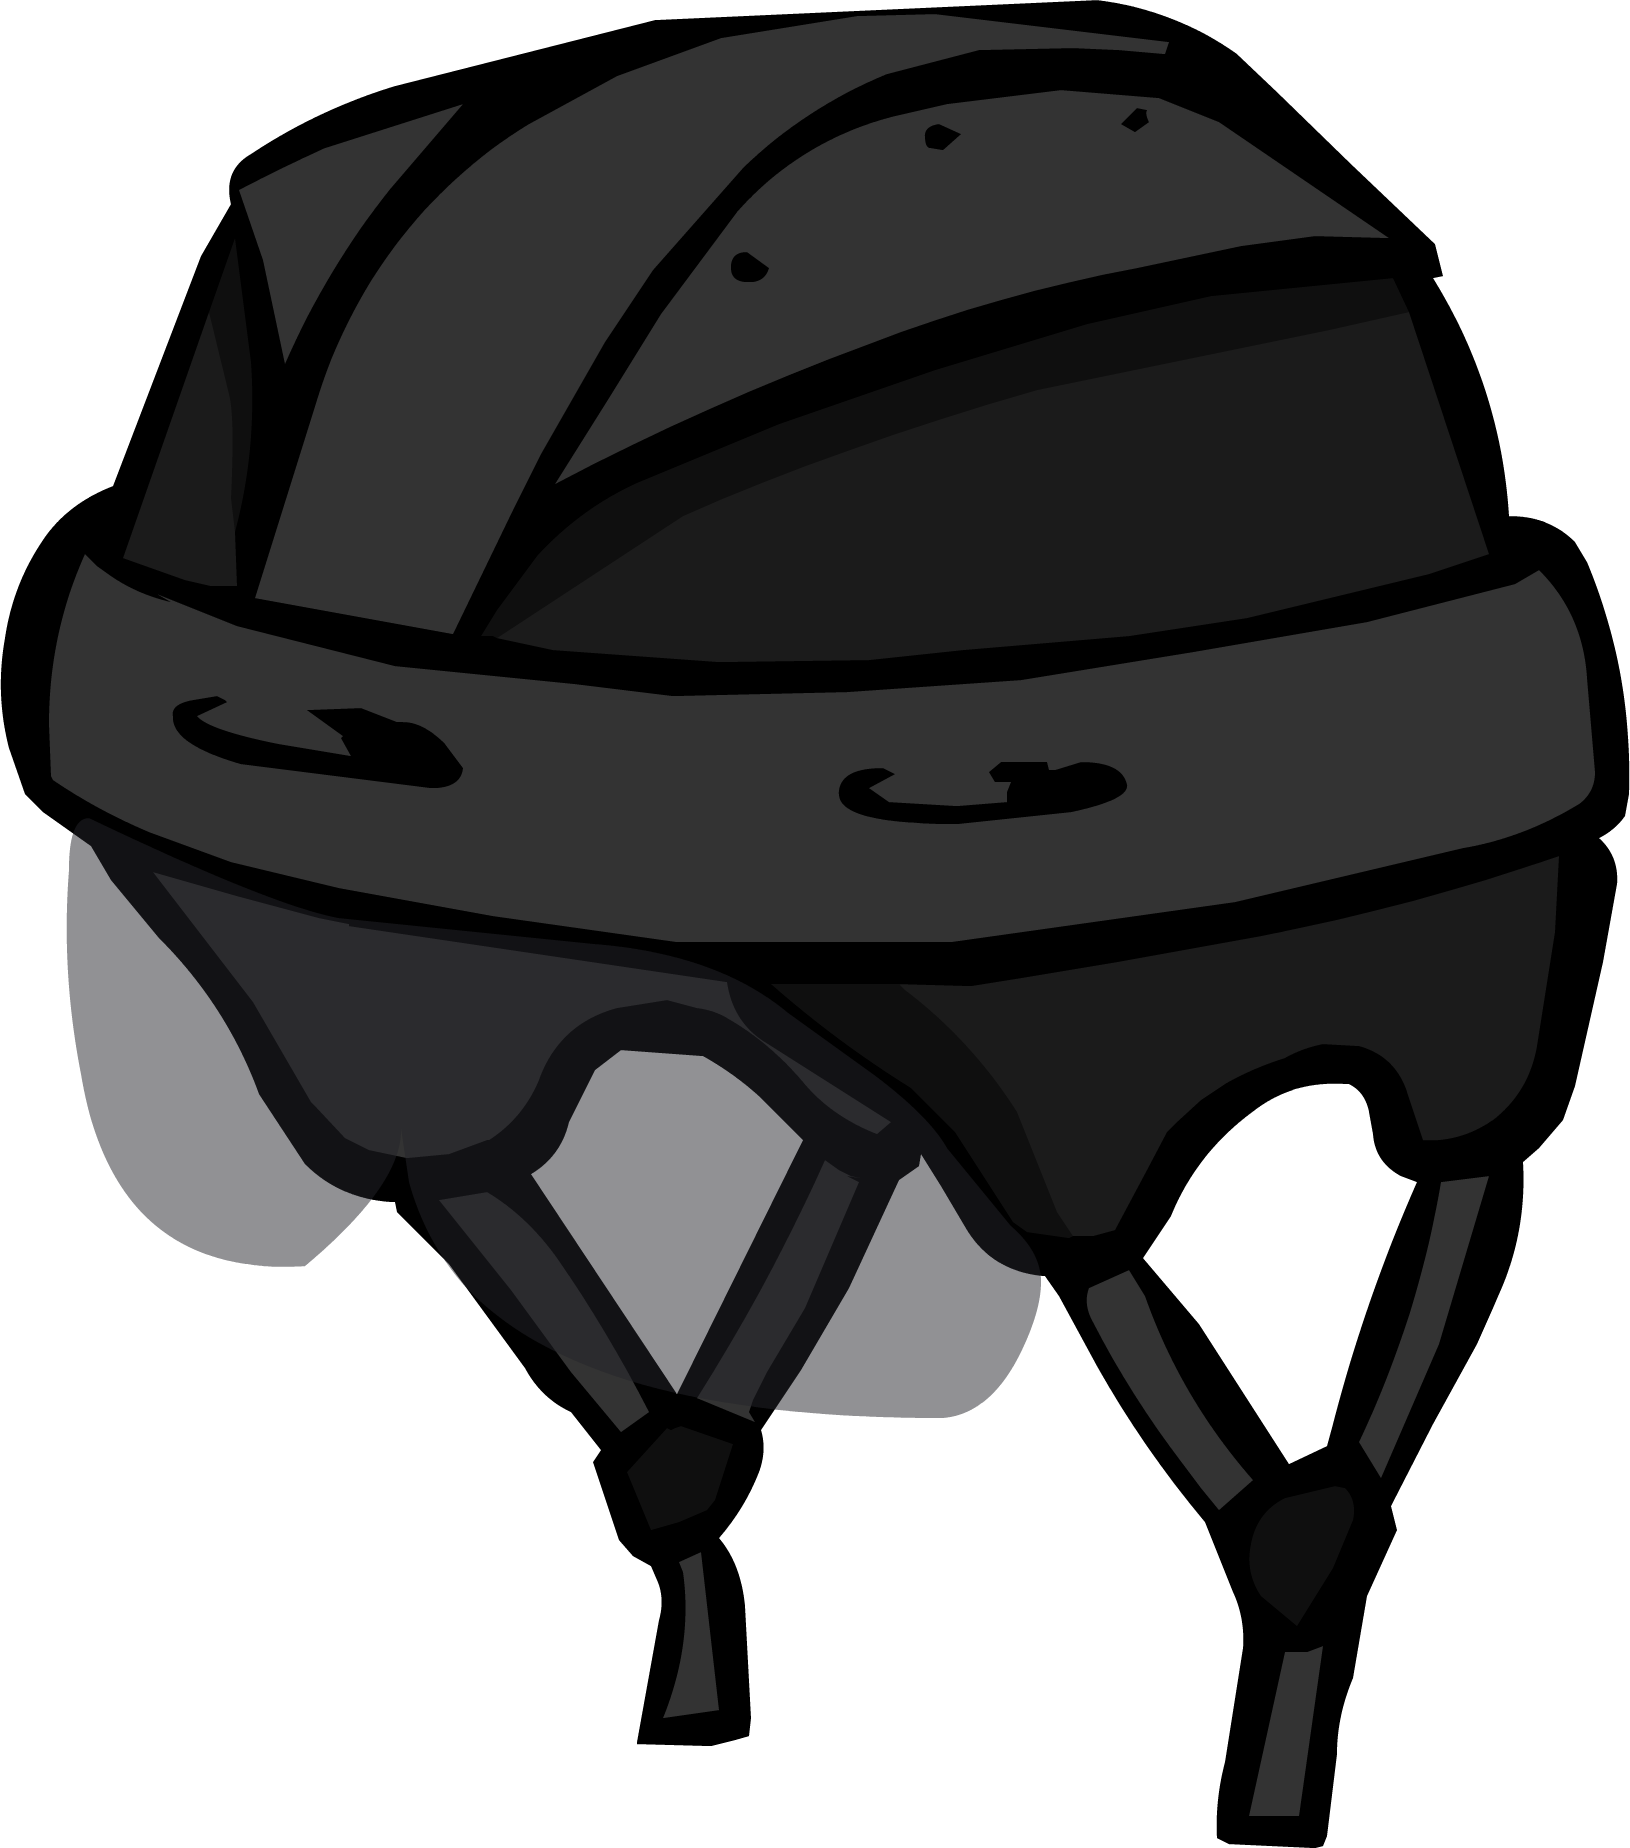 Black Hockey Helmet